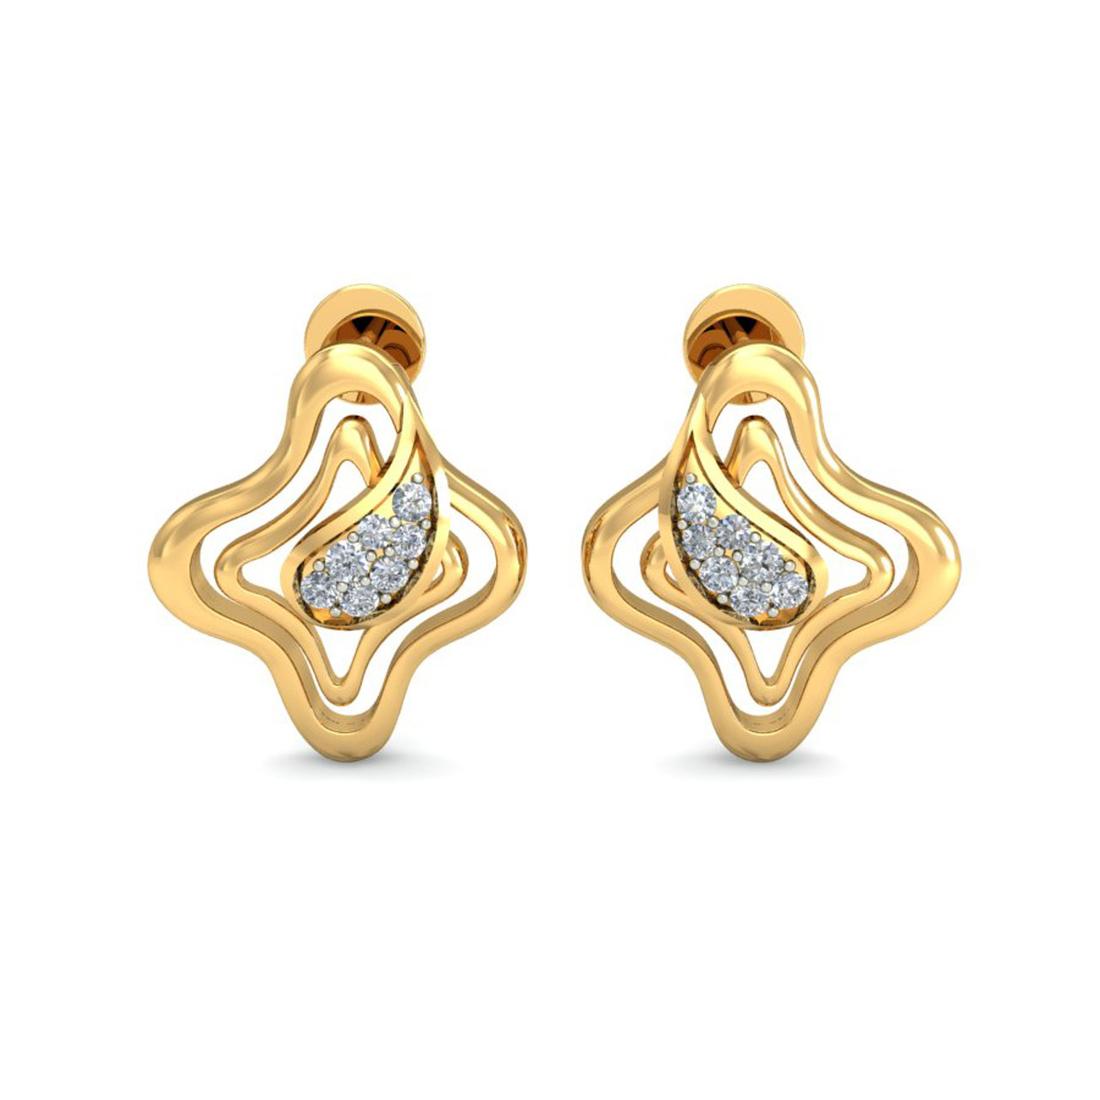 Ornomart's rising star Earrings